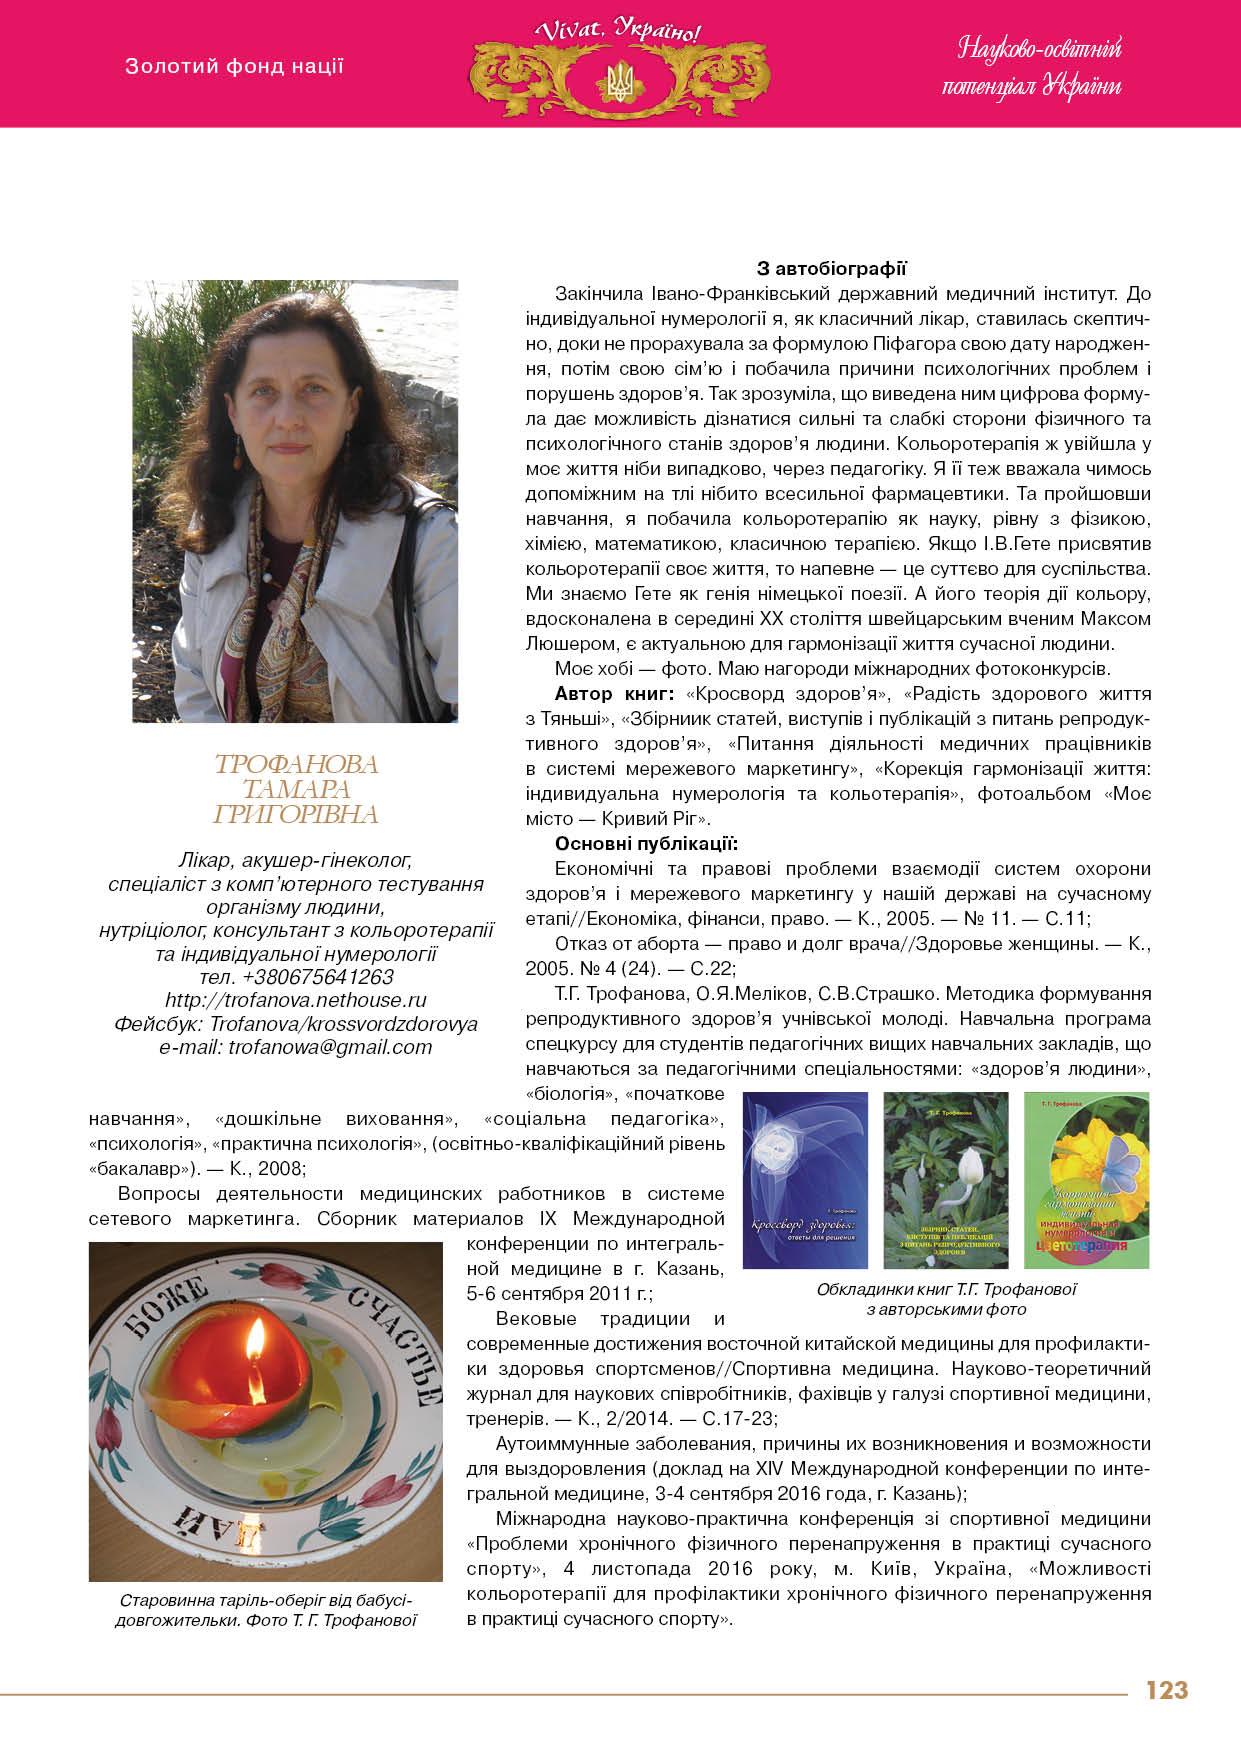 Трофанова Тамара Григорівна